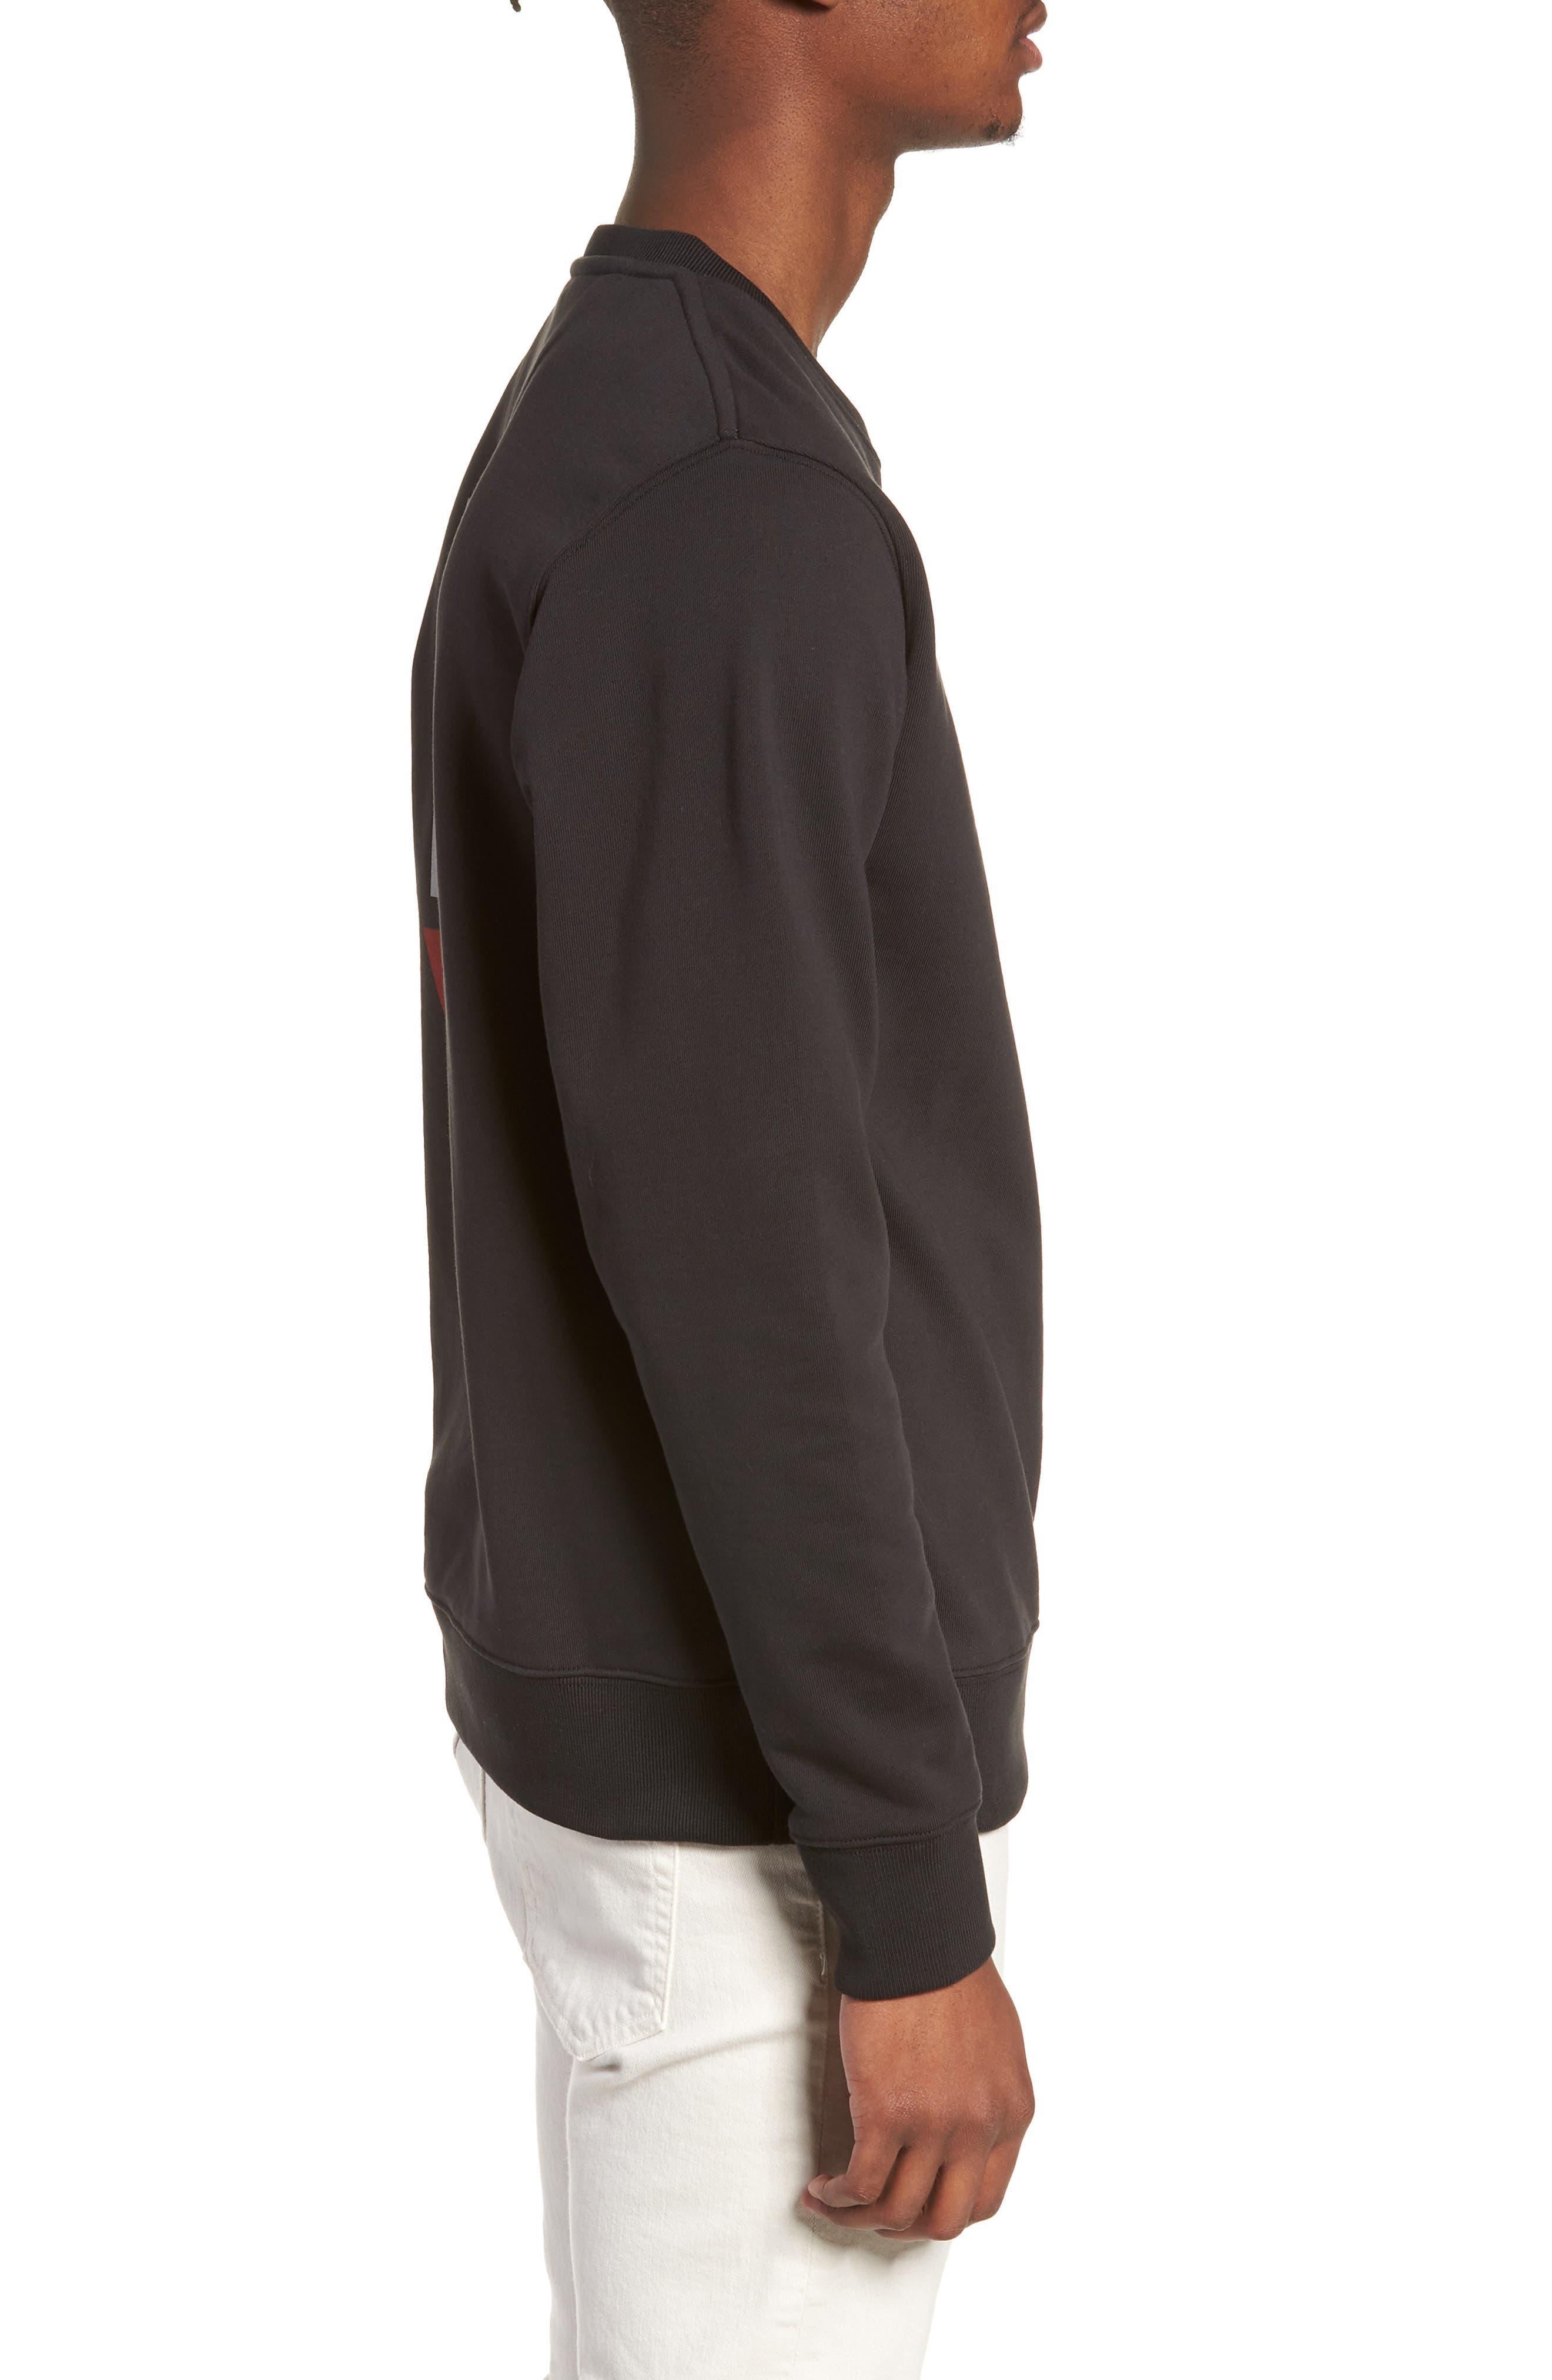 Bowery NY Sweatshirt,                             Alternate thumbnail 3, color,                             001